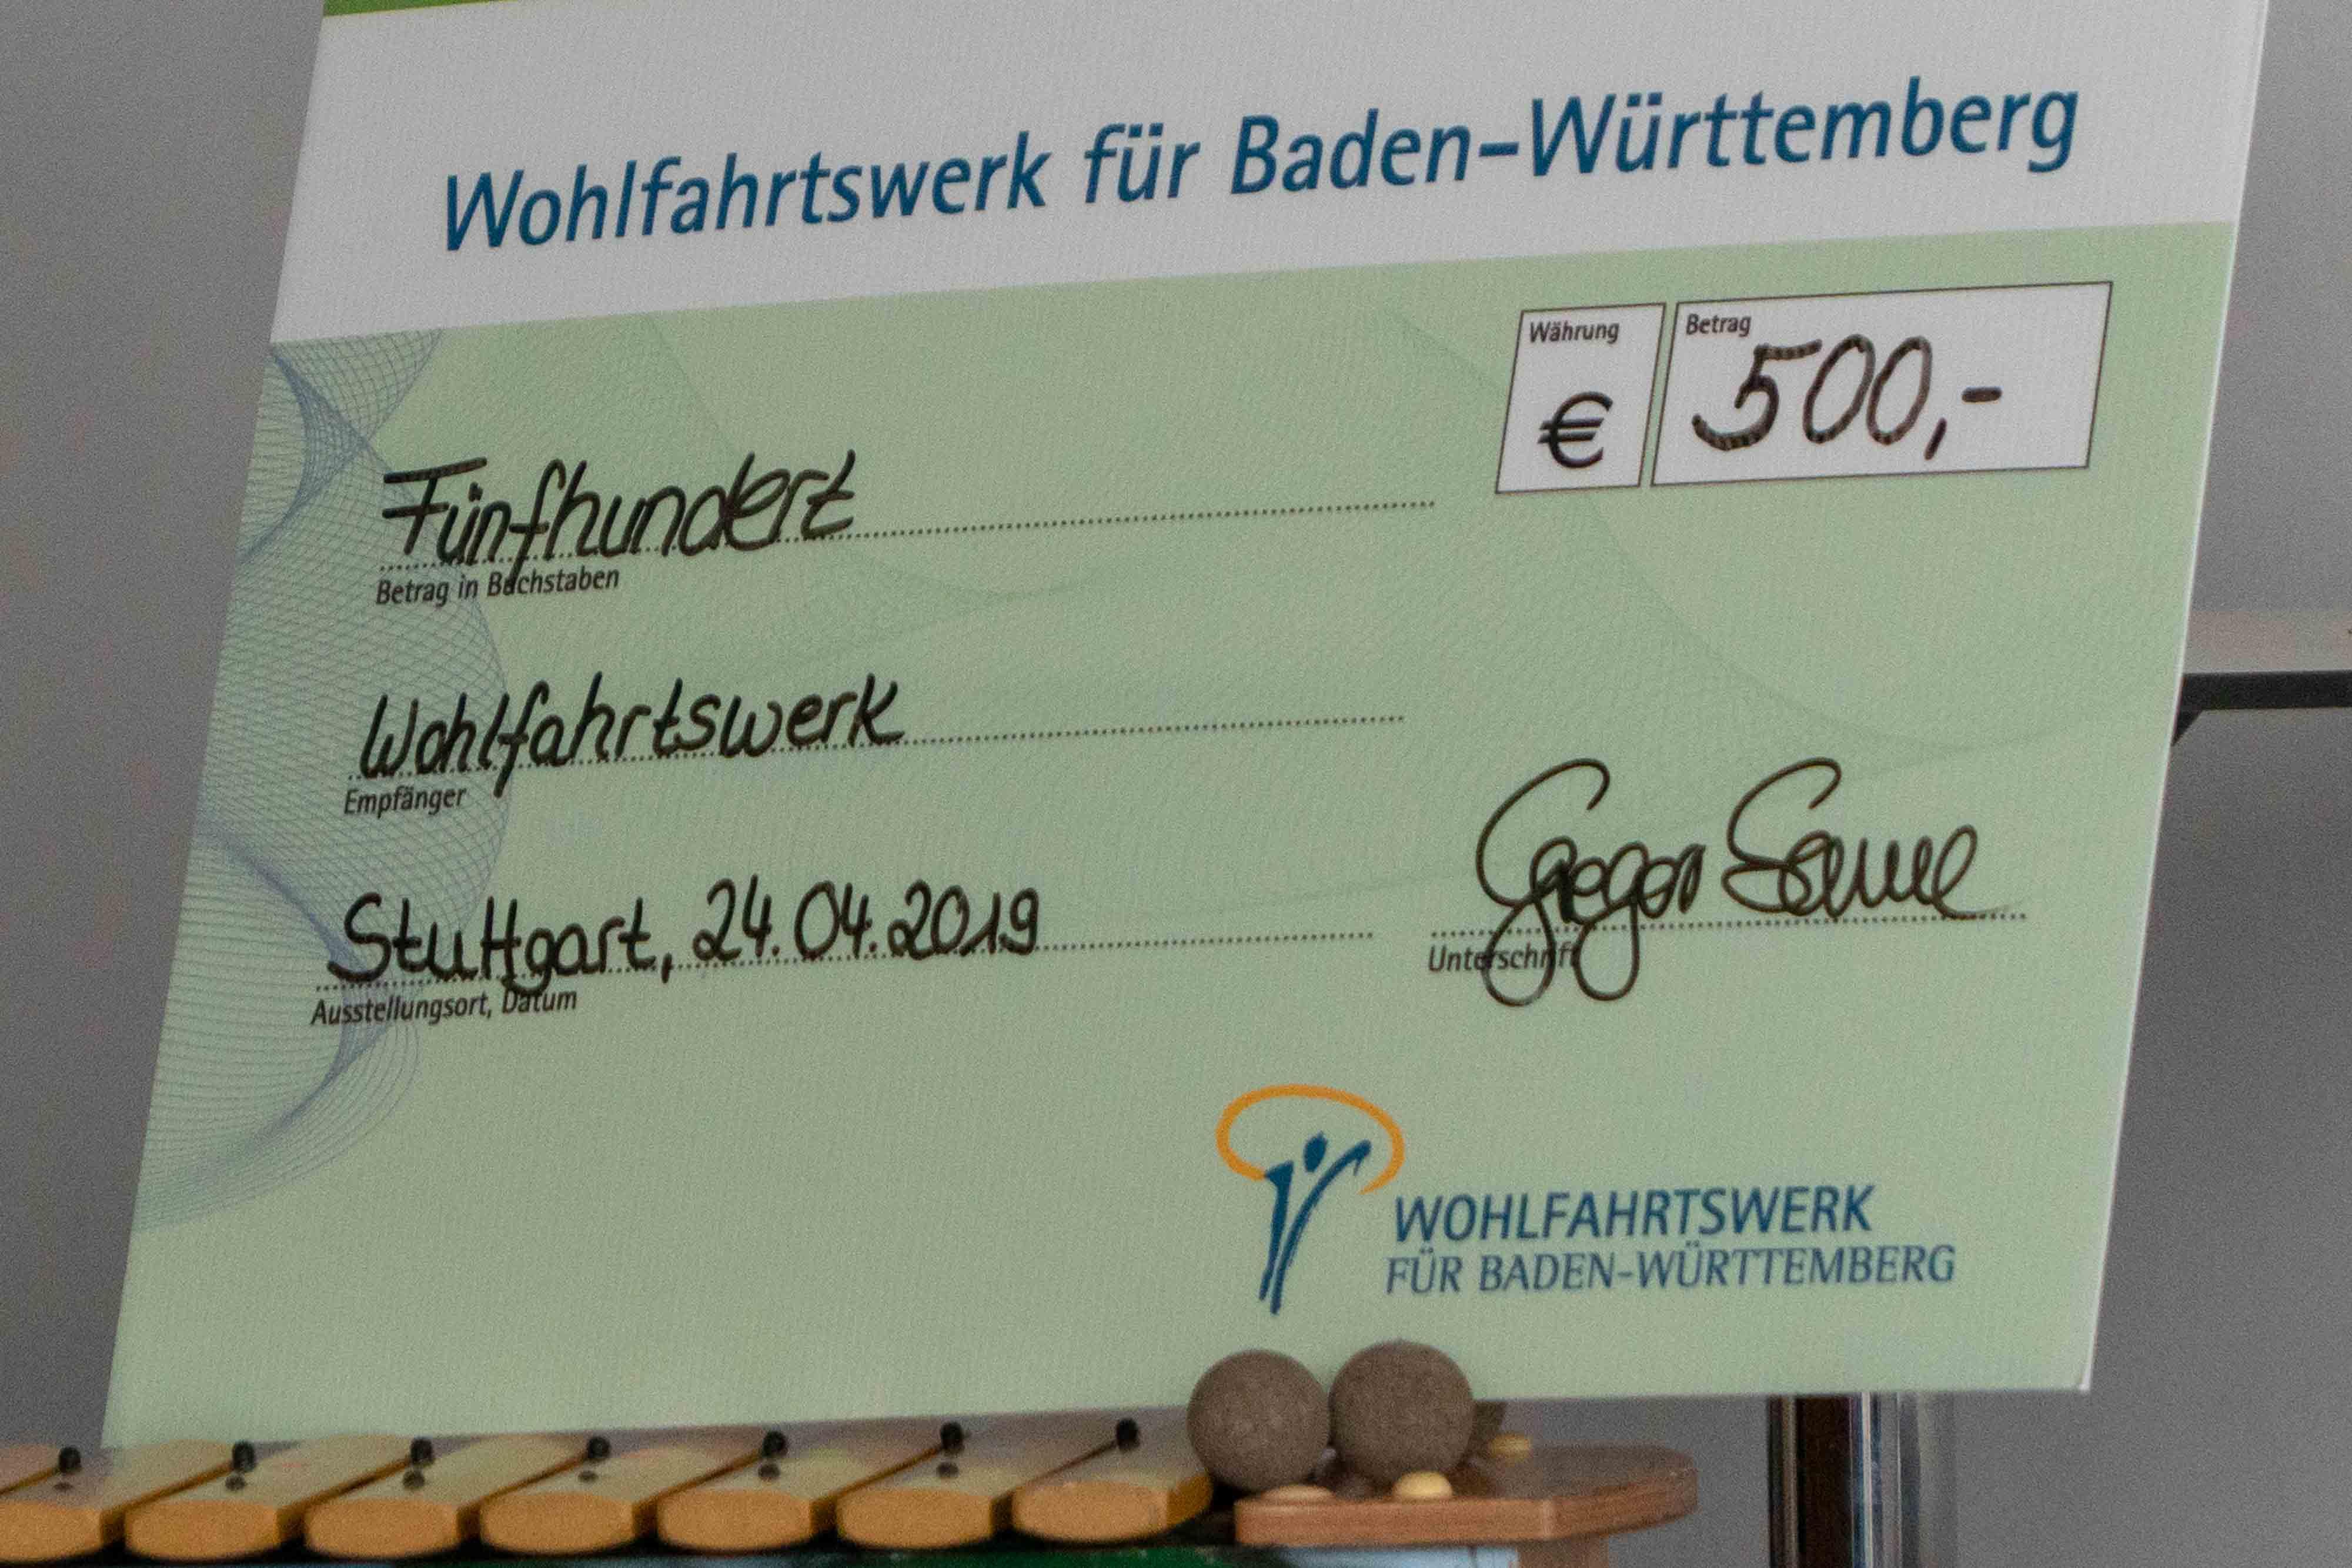 Wohlfahrtswerk für Baden-Württemberg-38